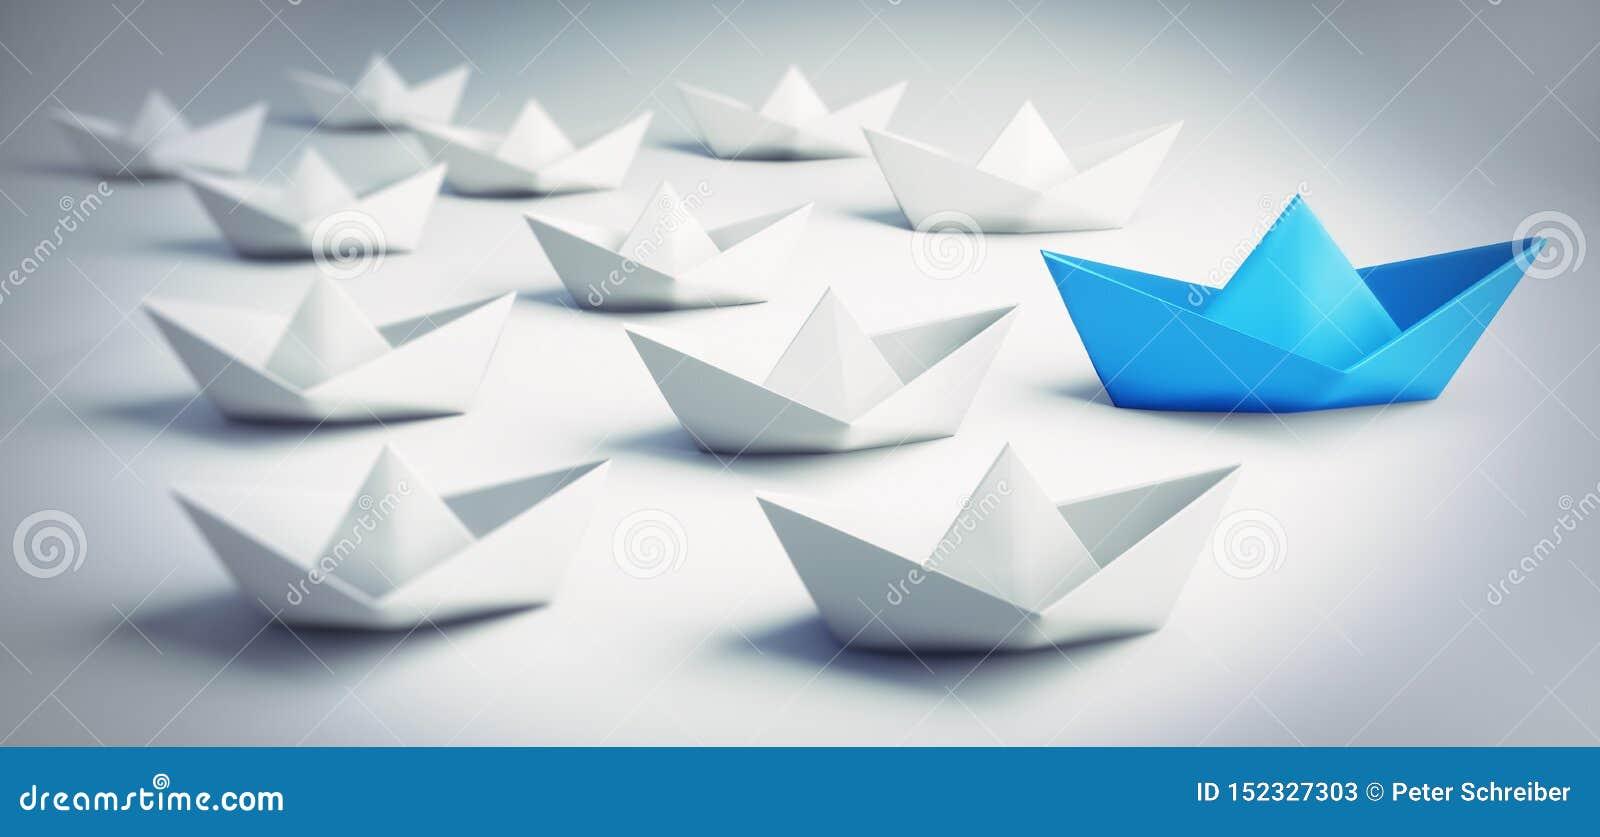 Grupo de barcos de papel blancos y azules - ejemplo 3D